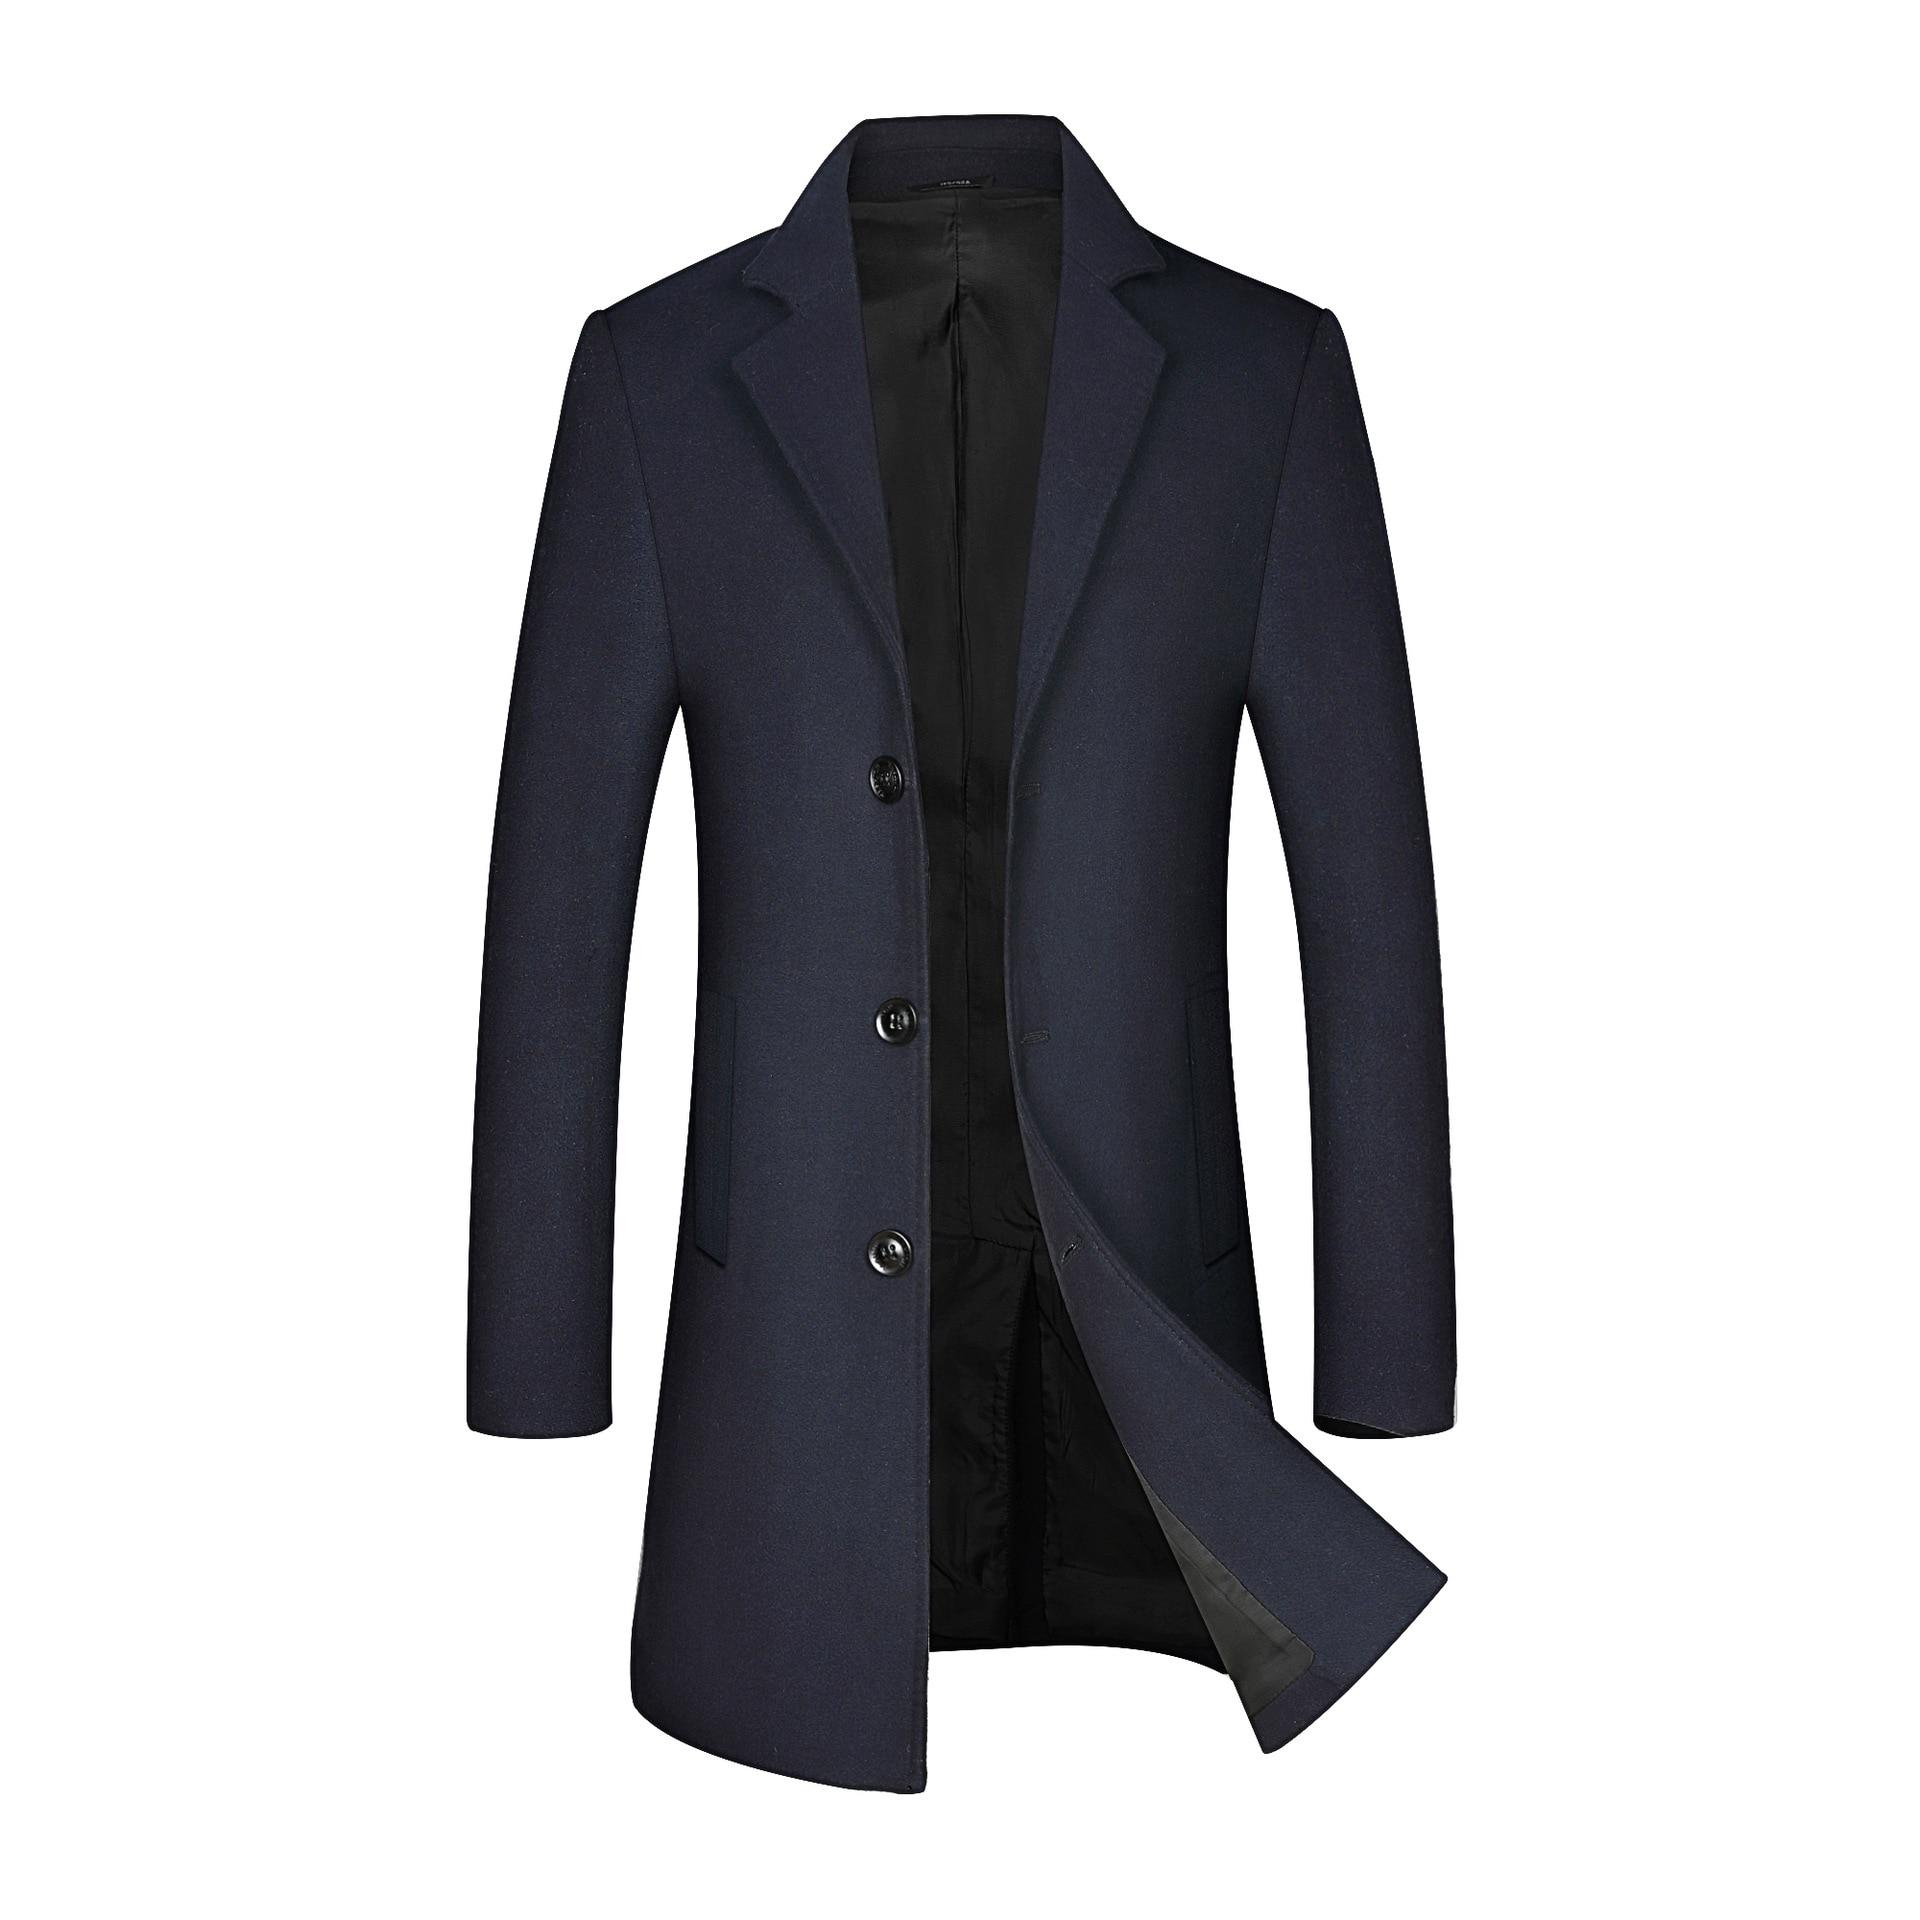 Woolen MEN'S Coat, Mens Coat,Autumn and Winter New Style Wool Overcoat Men's,Mid-length Business Casual MEN'S WEAR,coats for Men